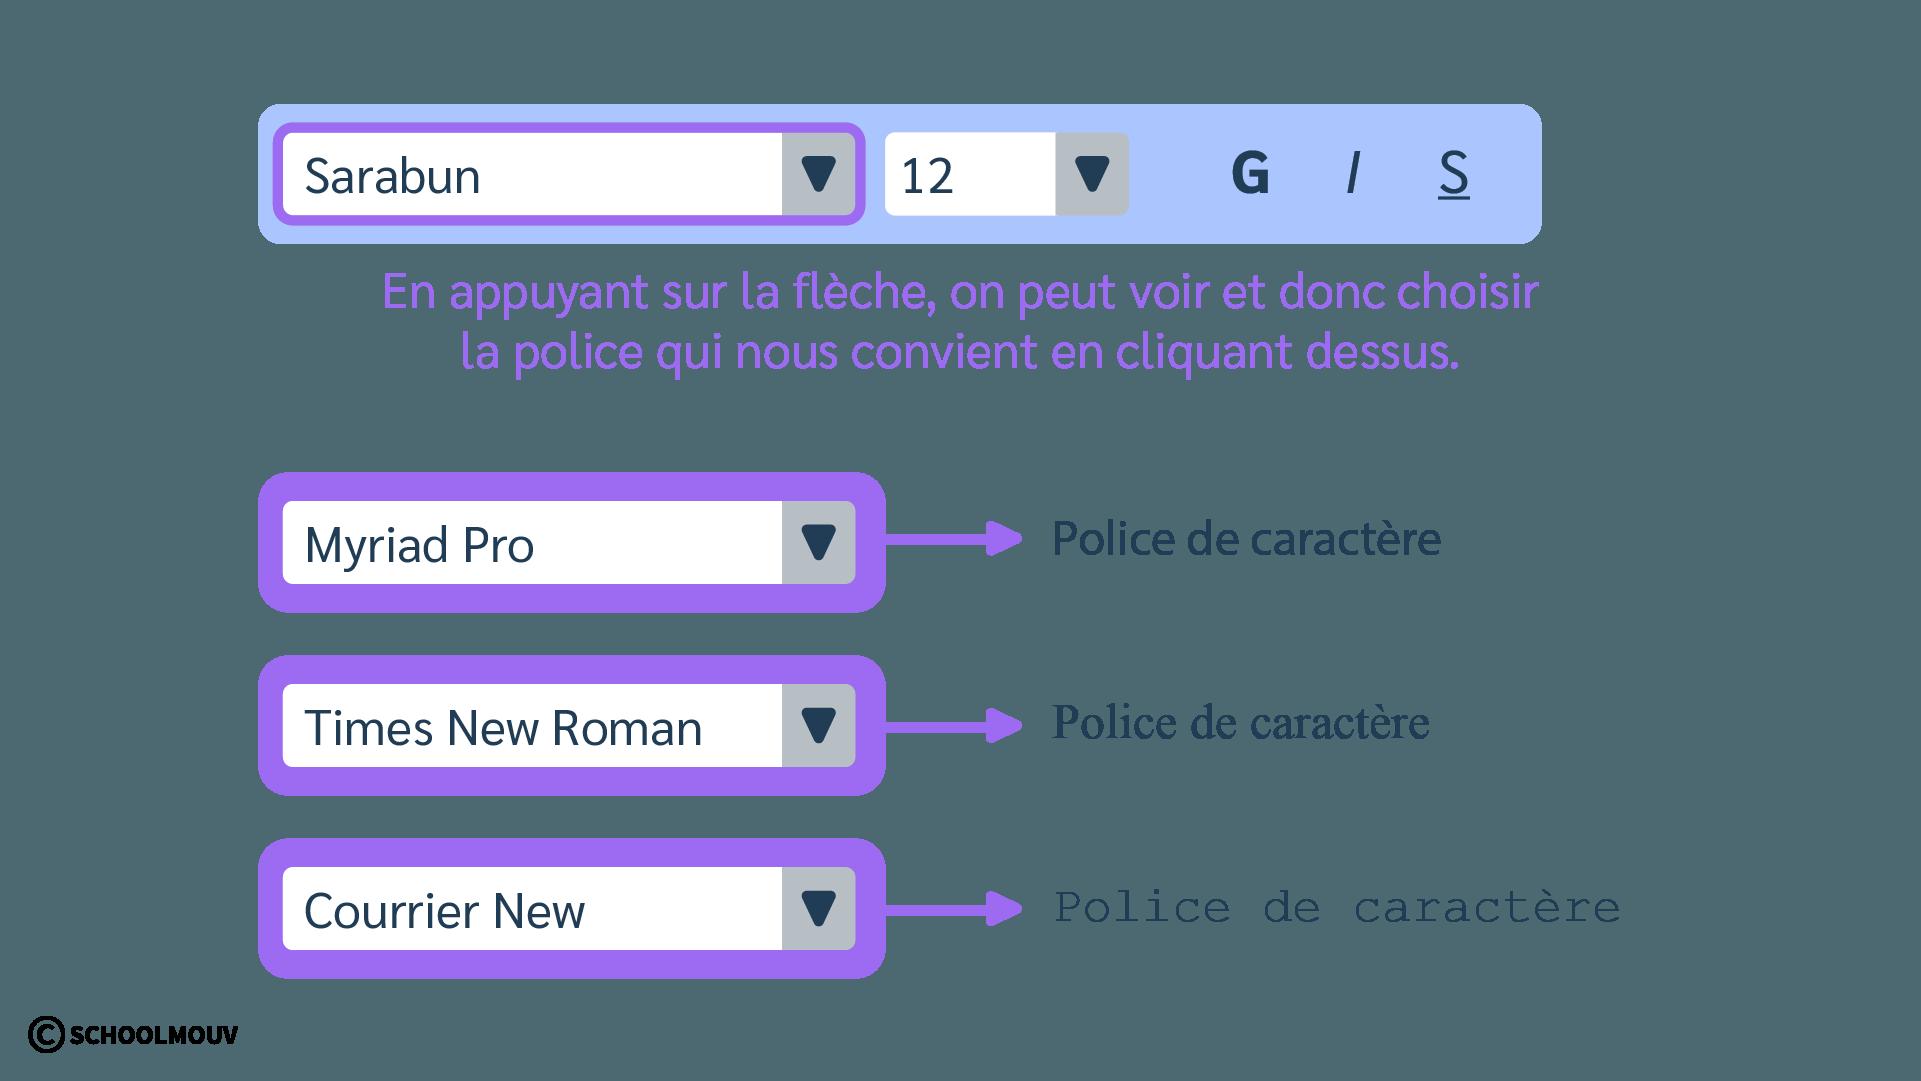 Logiciel de traitement de texte - Police de caractère - Barre de menu - SchoolMouv - Sciences - CE1